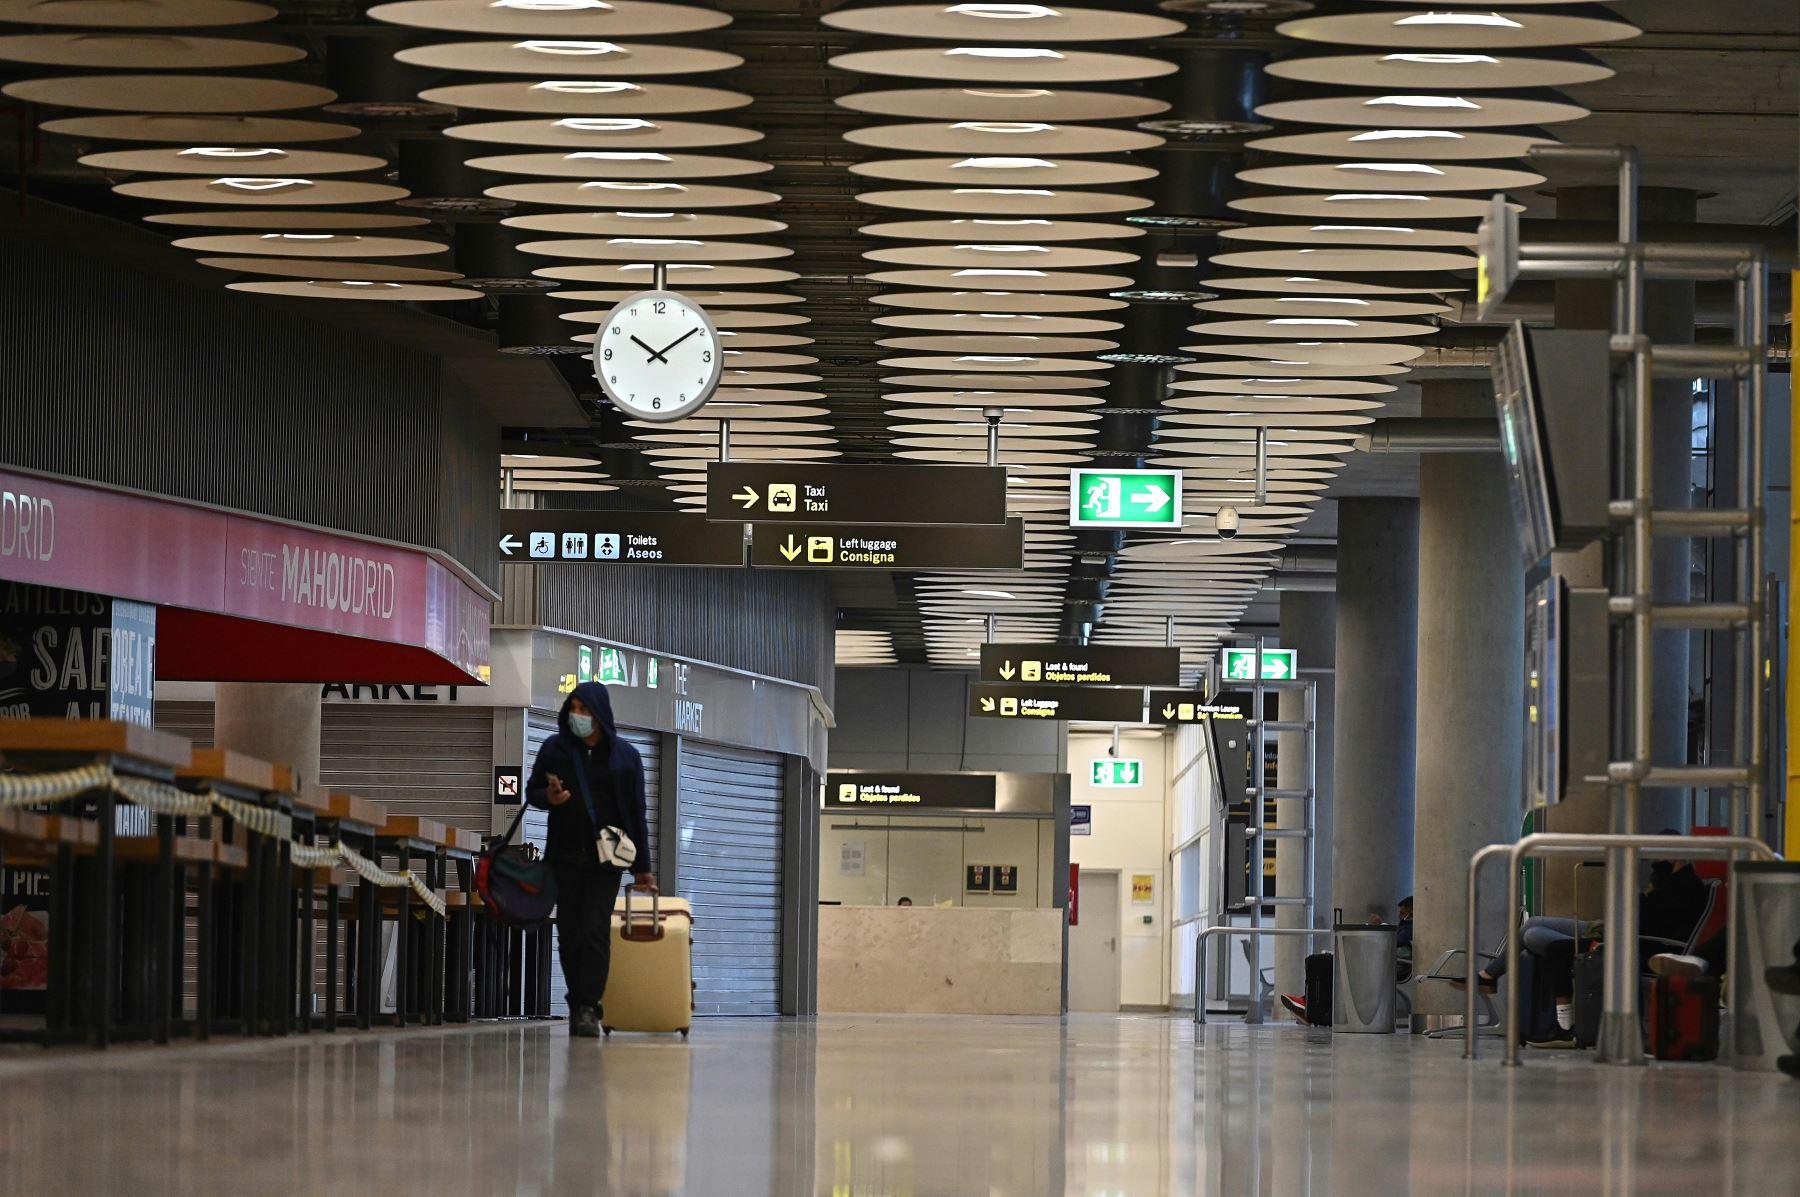 Un ciudadano camina por el aeropuerto Adolfo Suárez-Barajas en Madrid, donde comienza la exigencia de pruebas PCR para pasajeros de vuelos de fuera de España. Foto: EFE